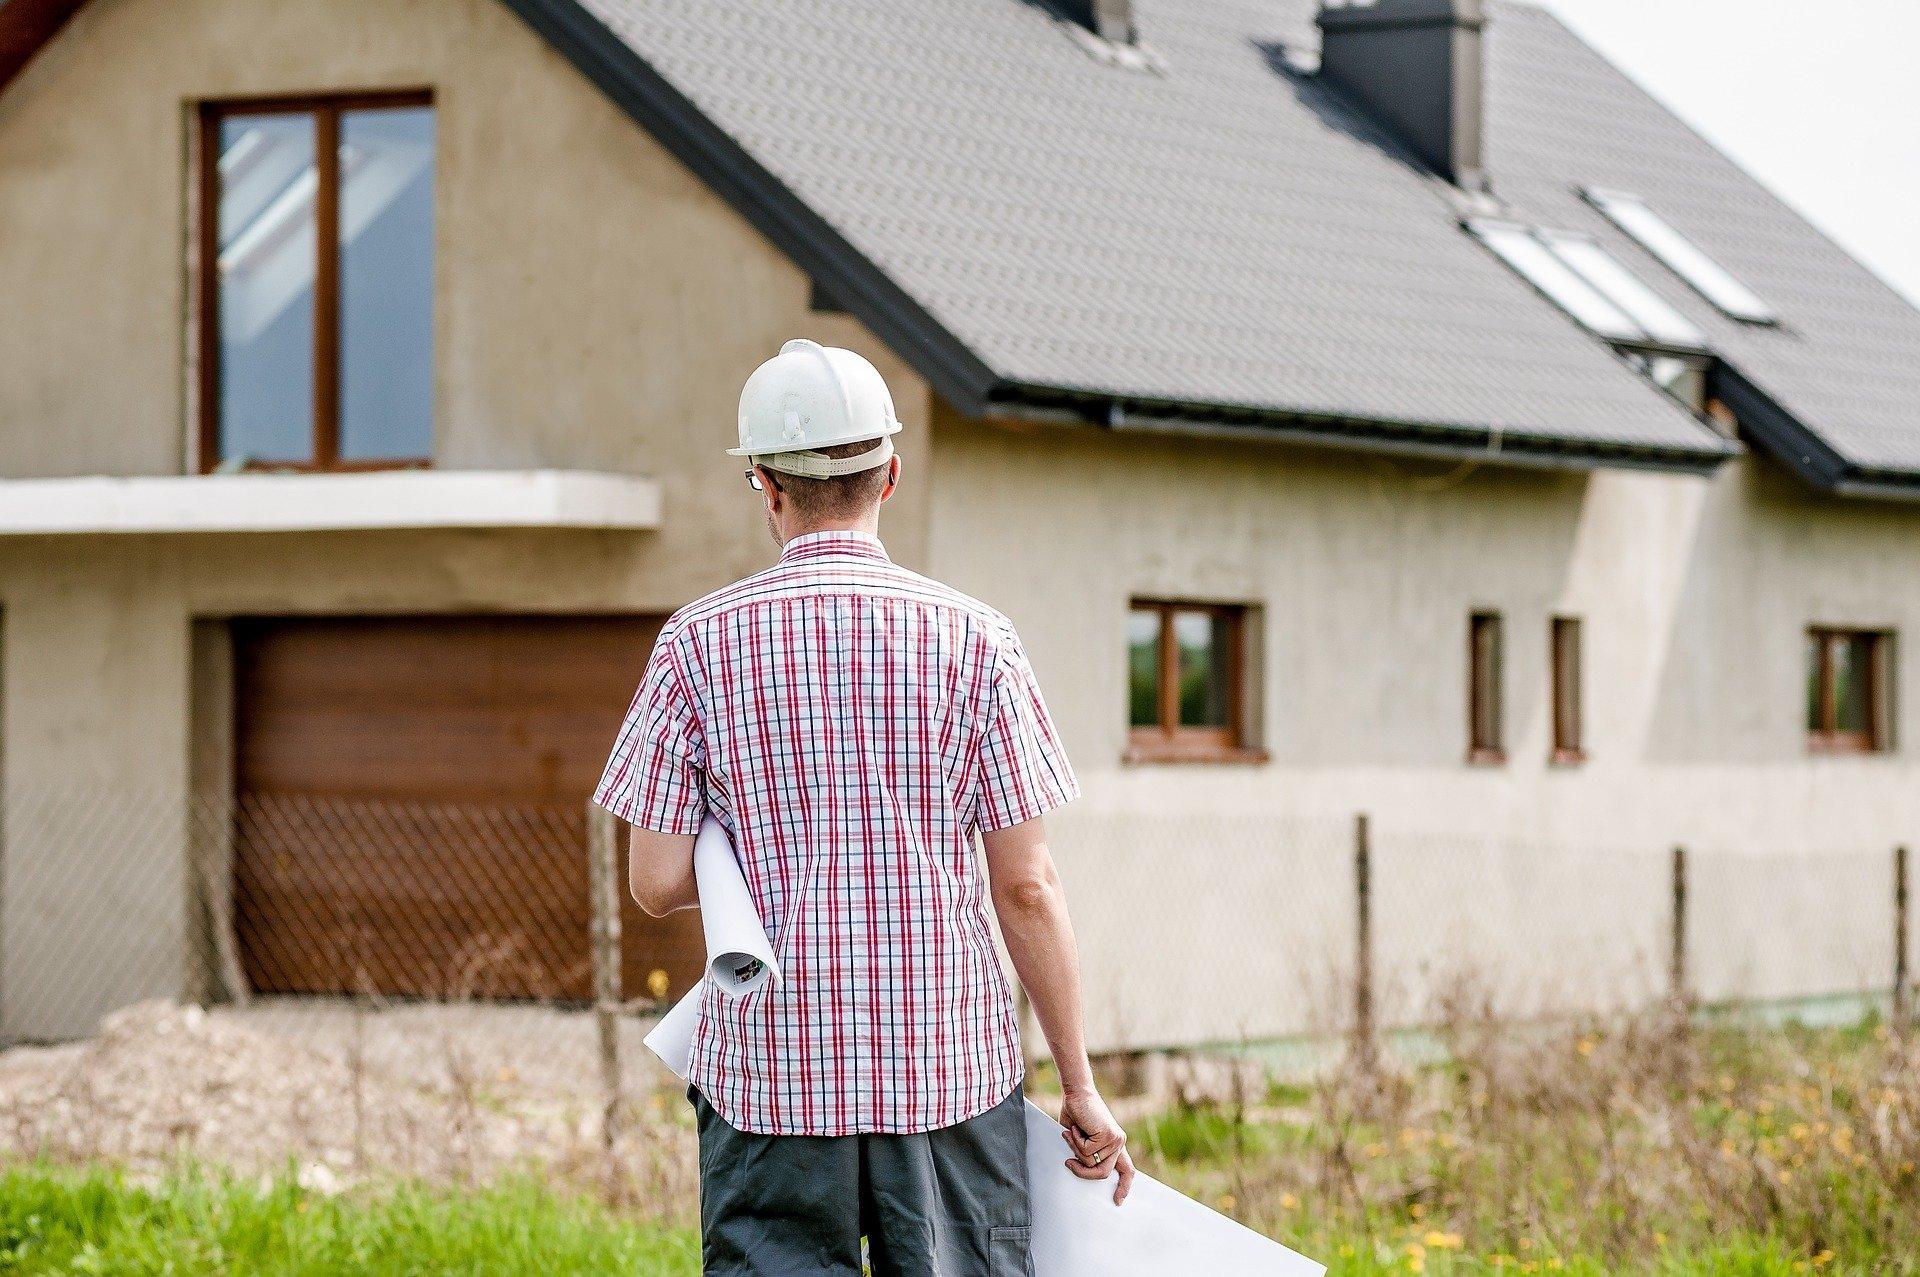 Czym charakteryzują się domy tanie w budowie?